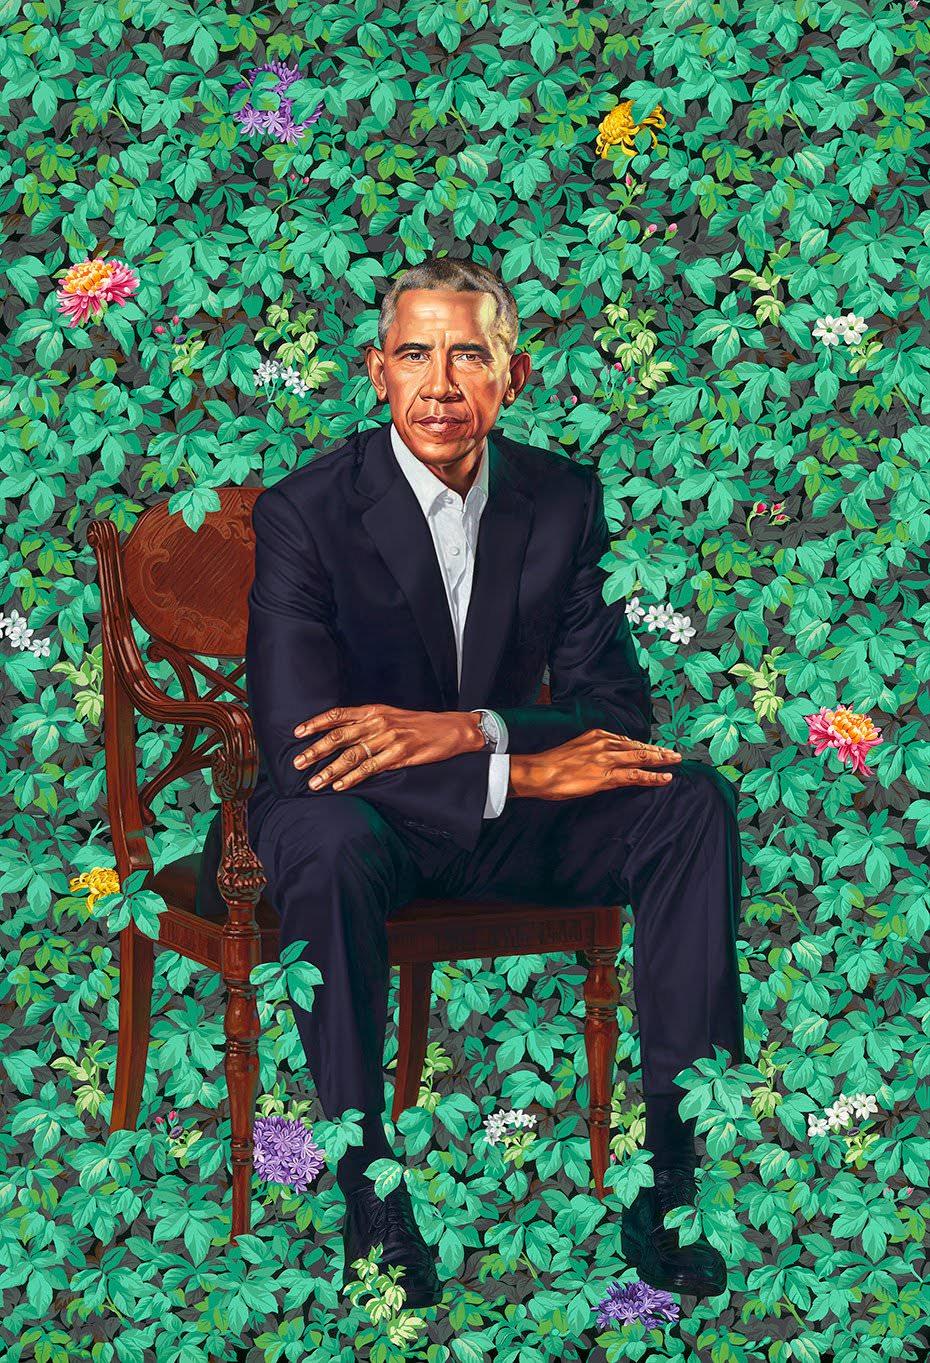 Obama's Smithsonian portrait